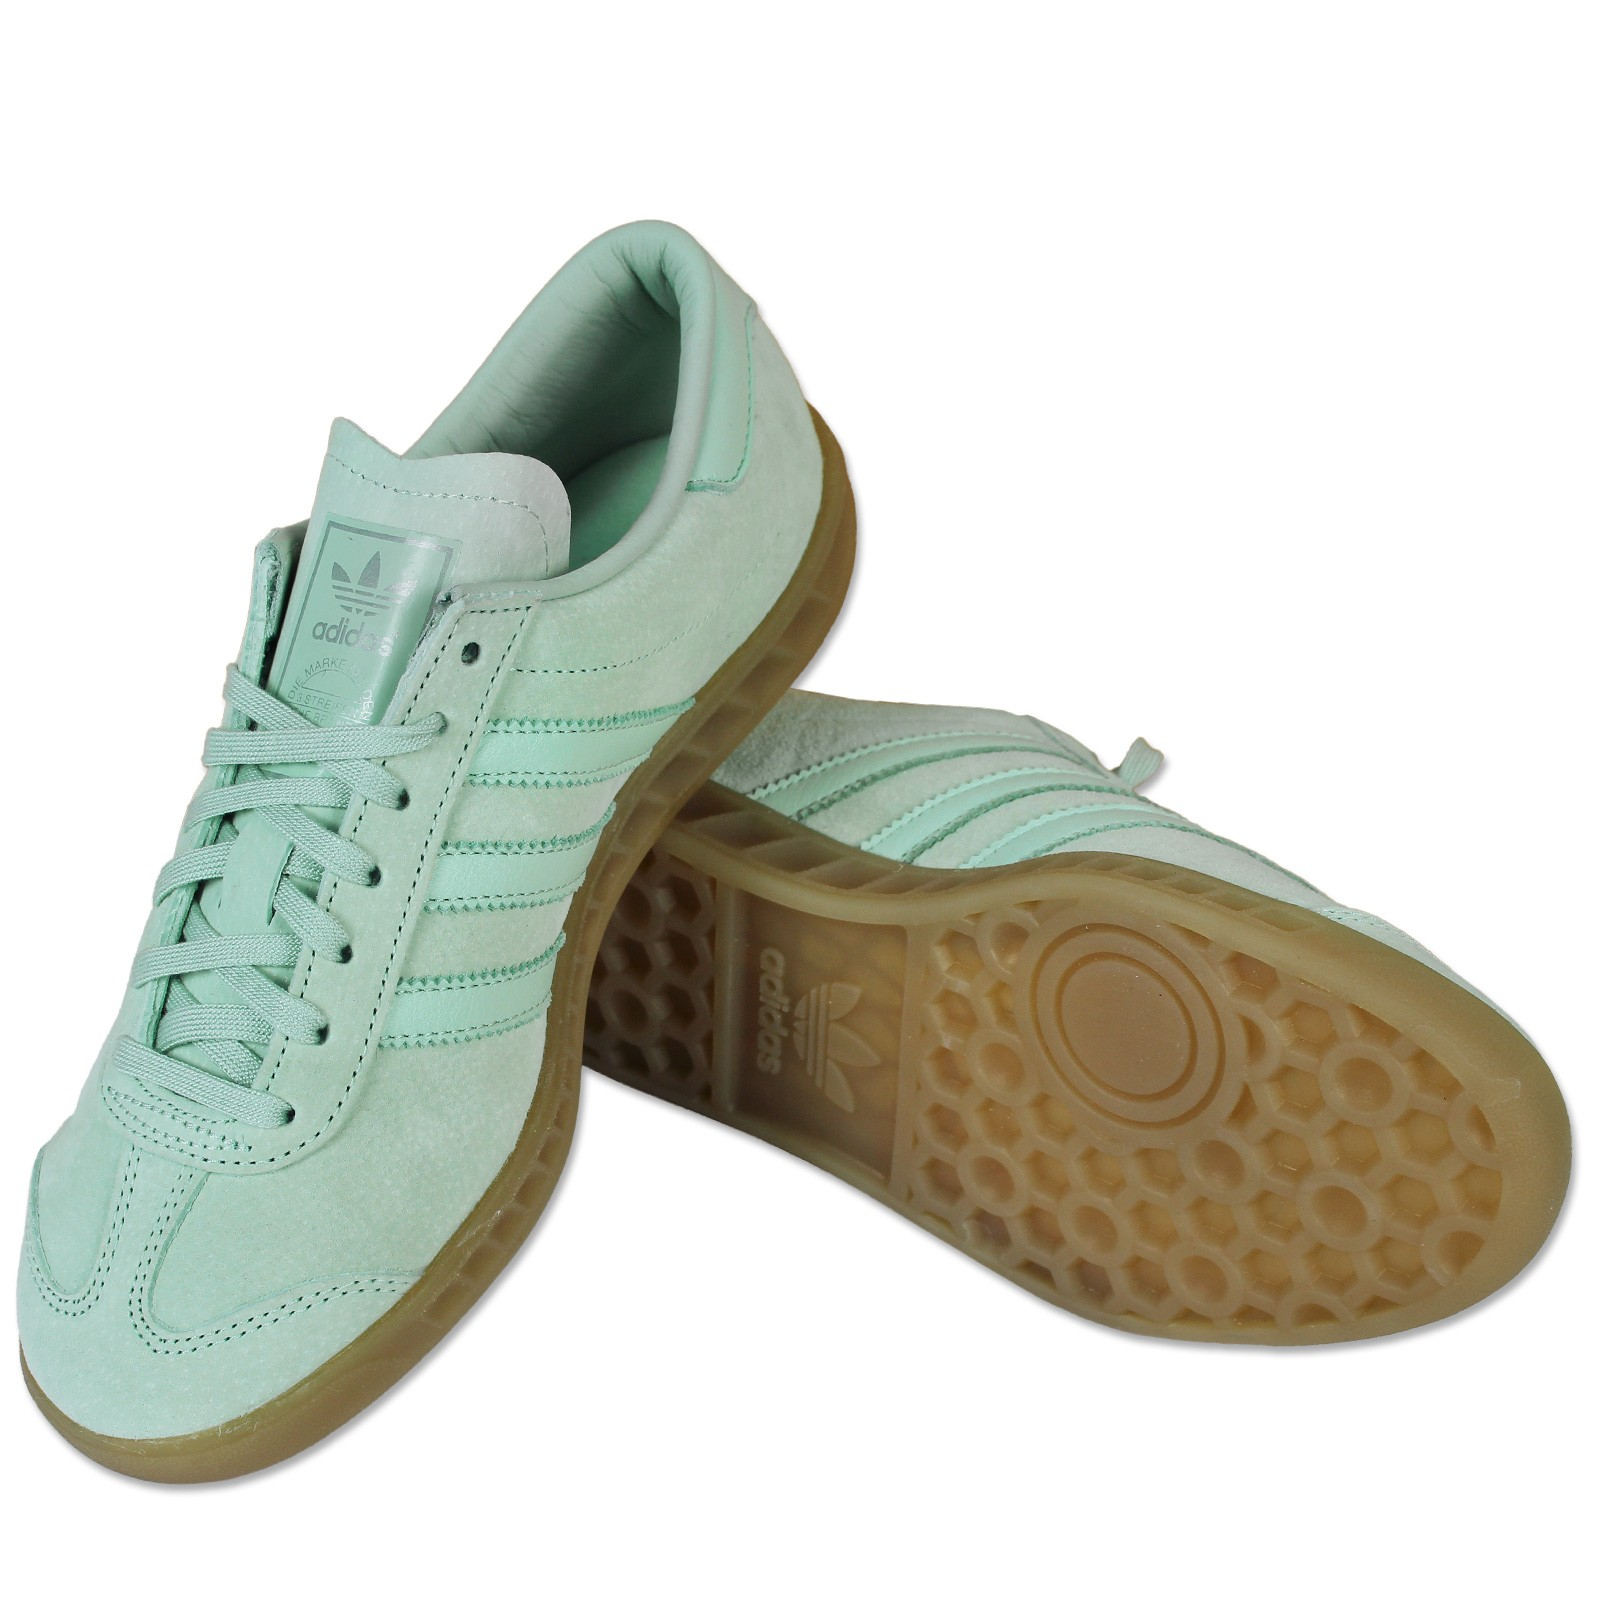 Hamburg Originals Rosa Hellblau Damen Schuhe Mint Leder Adidas Sneaker QsCtrdh